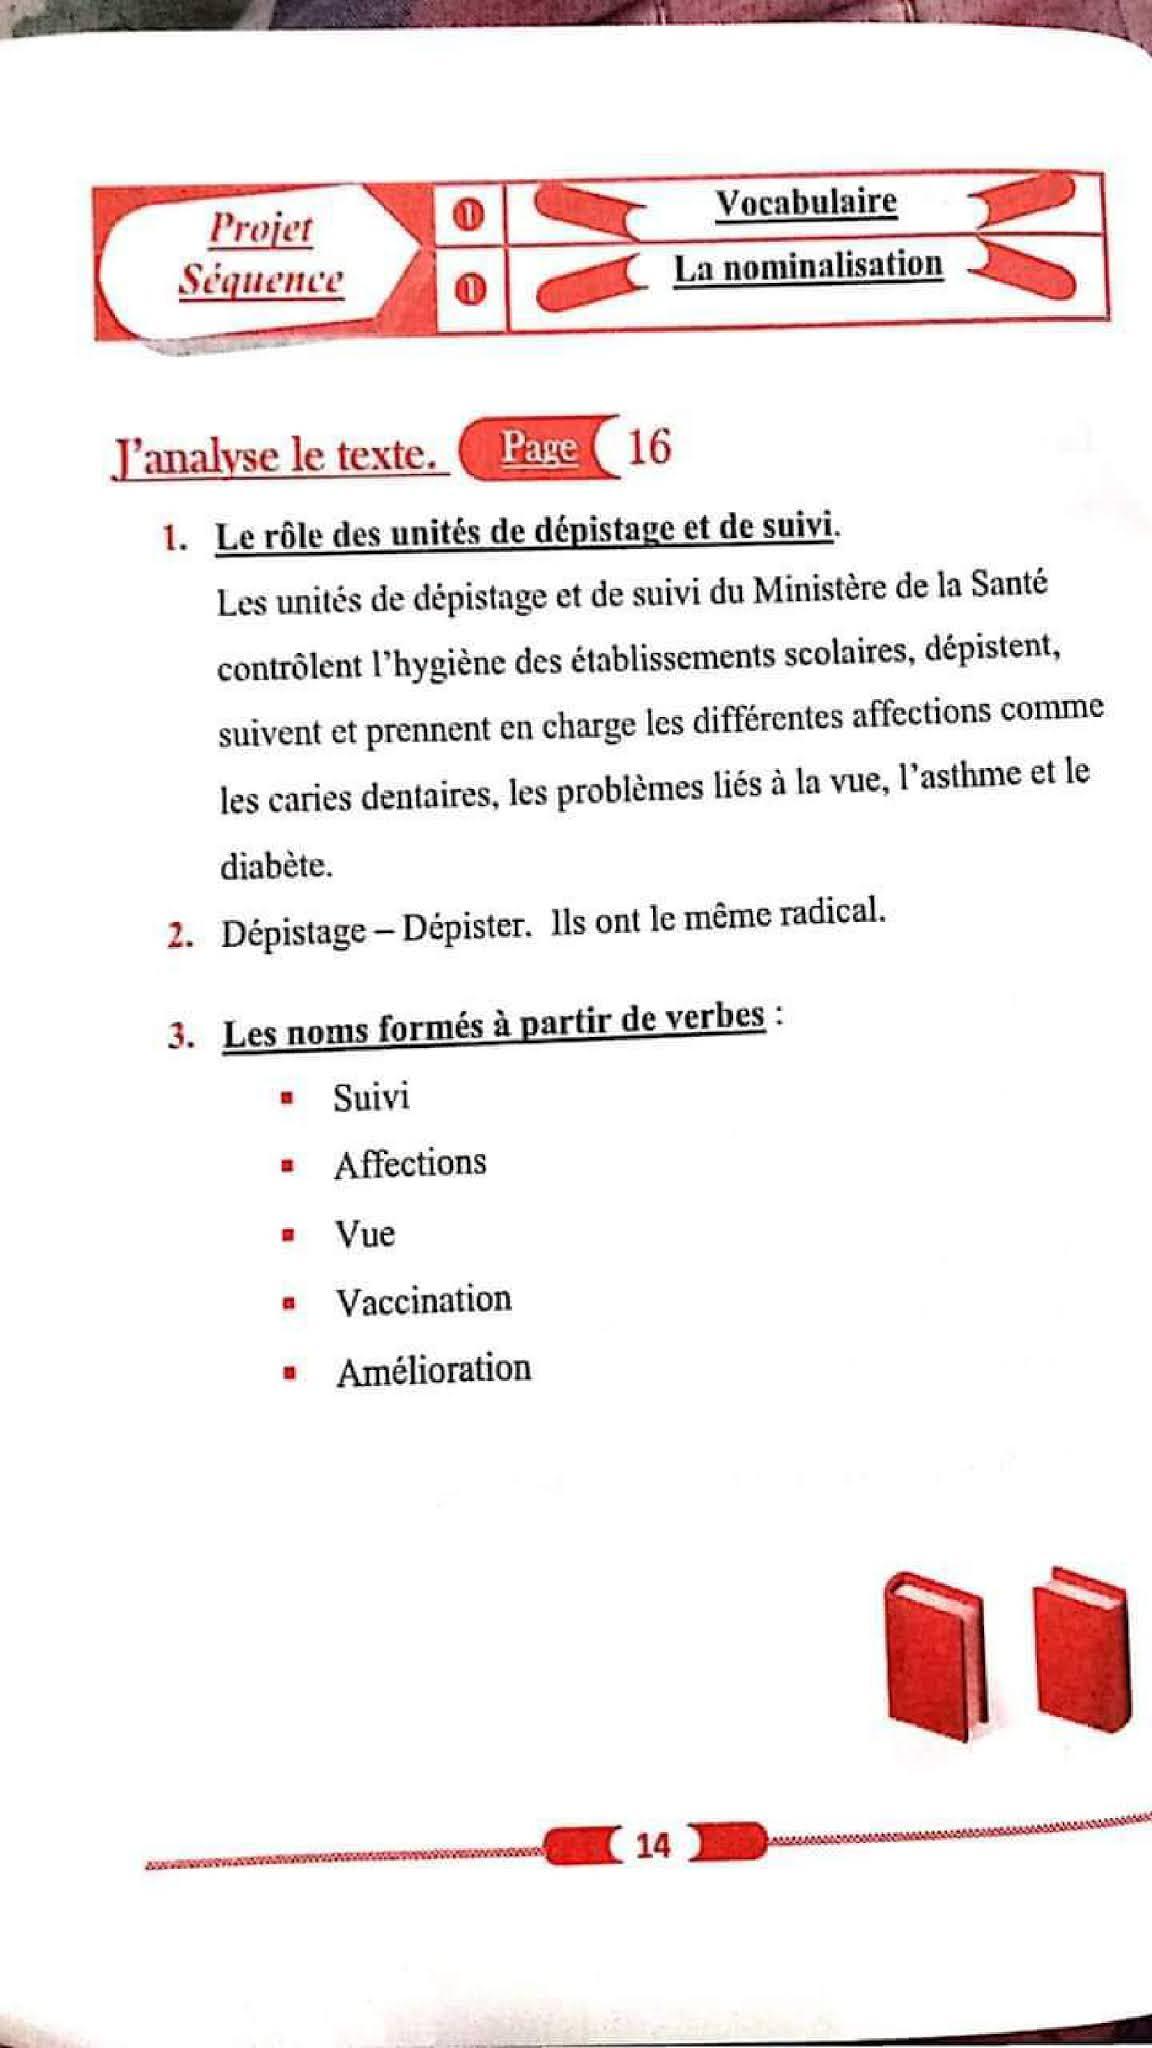 حل تمارين صفحة 16 الفرنسية 1 متوسط الجيل الثاني